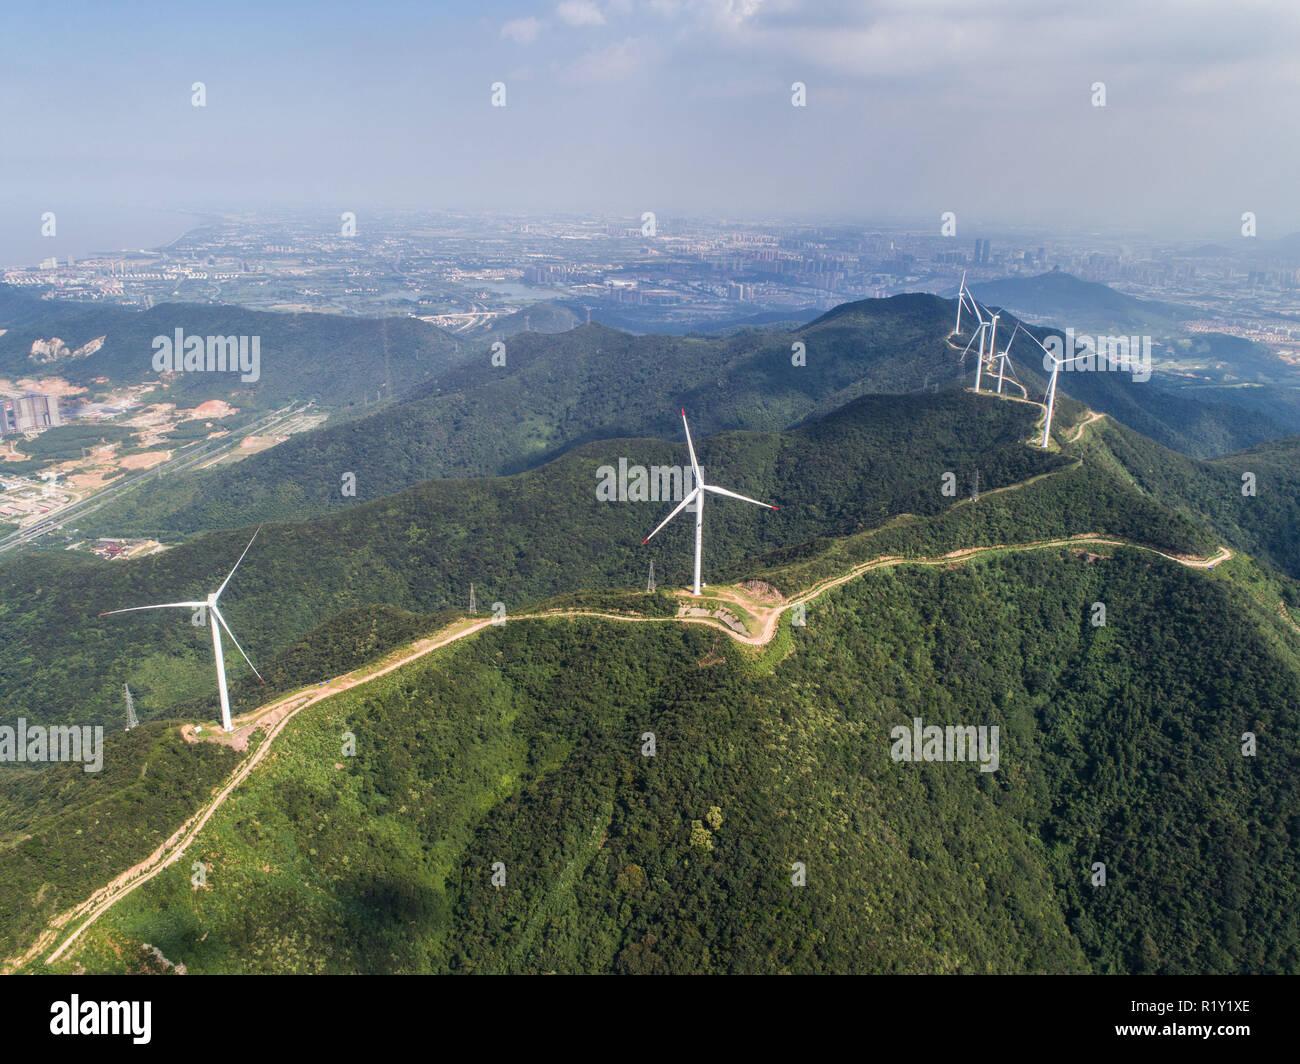 (181115) -- BEIJING, 15 novembre 2018 (Xinhua) -- photo aérienne prise le 23 août 2018 montre le Bianshan wind farm à Changxing County, la Chine de l'est la province de Zhejiang. Selon le Bureau national des statistiques, la Chine a augmenté de production d'énergie de 7,2 pour cent sur un an au cours des 10 premiers mois de 2018. Rien qu'en octobre, la Chine a généré 533 milliards de kilowatt-heures (kWh) d'électricité, en hausse de 4,8 pour cent d'année en année, plus rapide que la croissance de 4,6 % en septembre. La moyenne quotidienne a atteint 17,2 milliards d'électricité kWh, le chant de 18,3 milliards de kWh en septembre. La Chine a connu une croissance plus rapide des taux d'hy Photo Stock